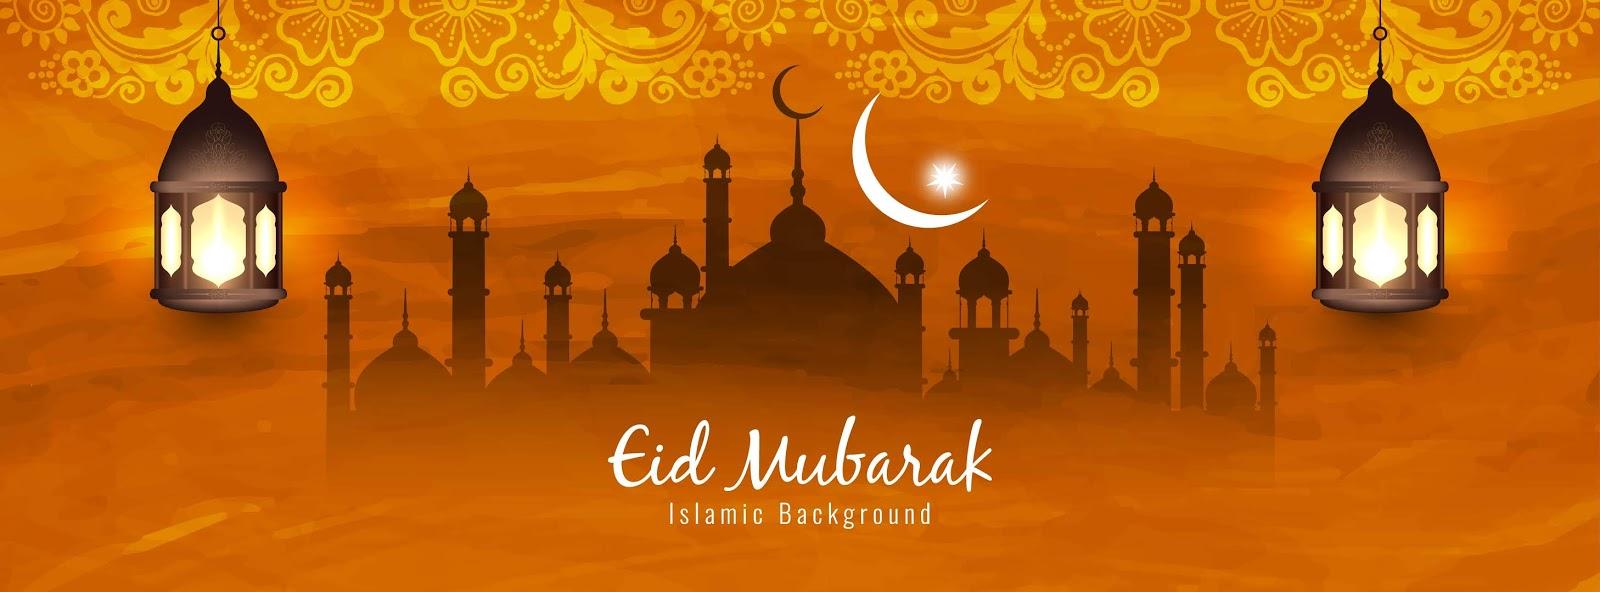 450+ Best Eid Mubarak wishes for 2019  WhatsApp Status